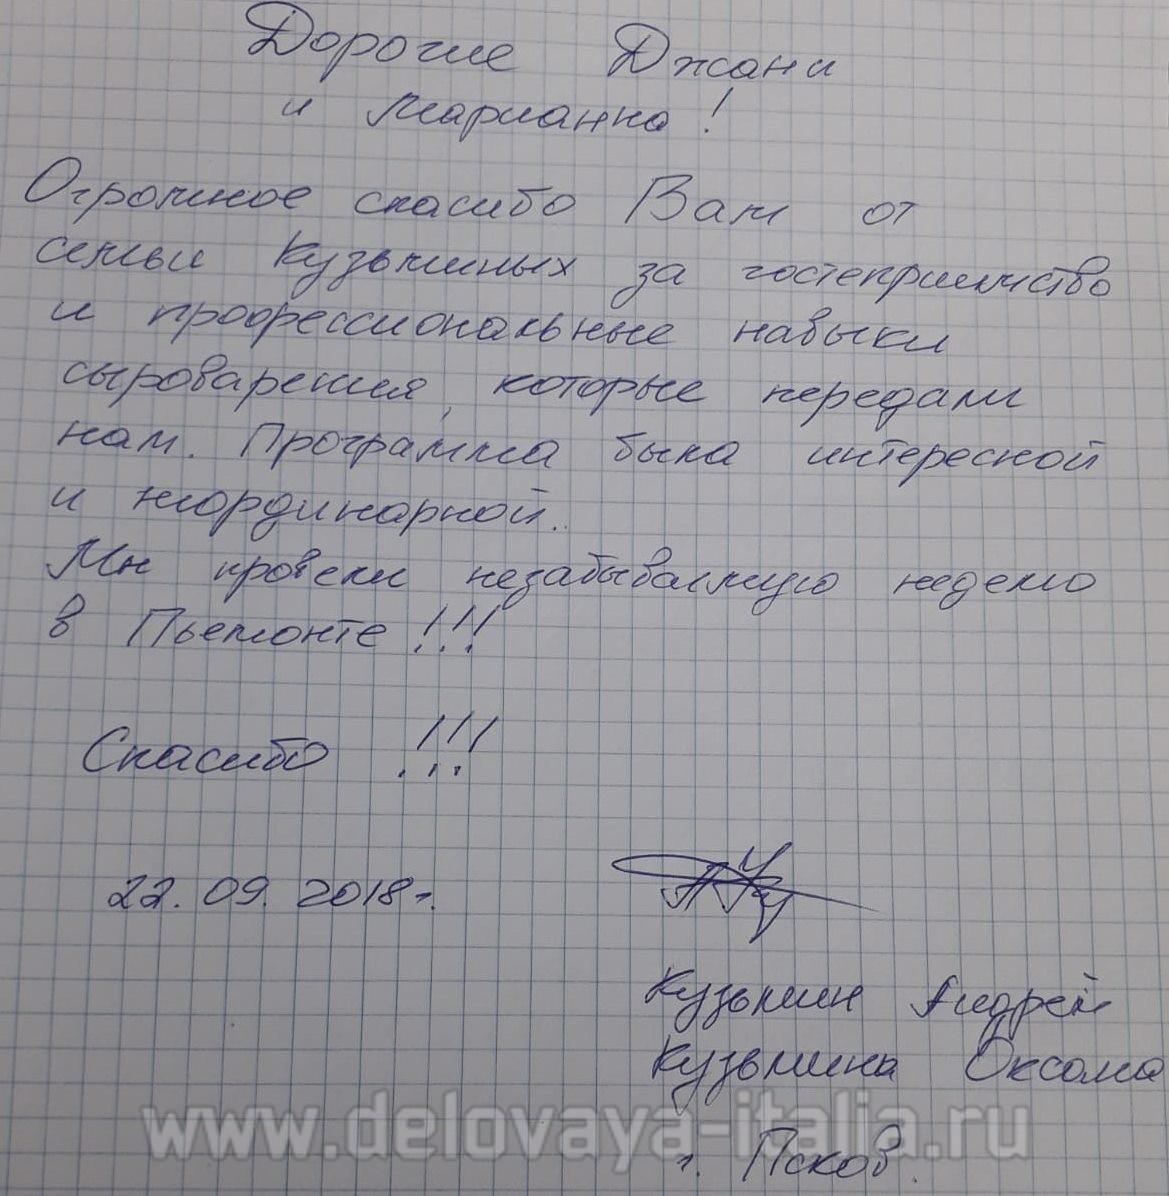 Семья Кузьминых из Пскова